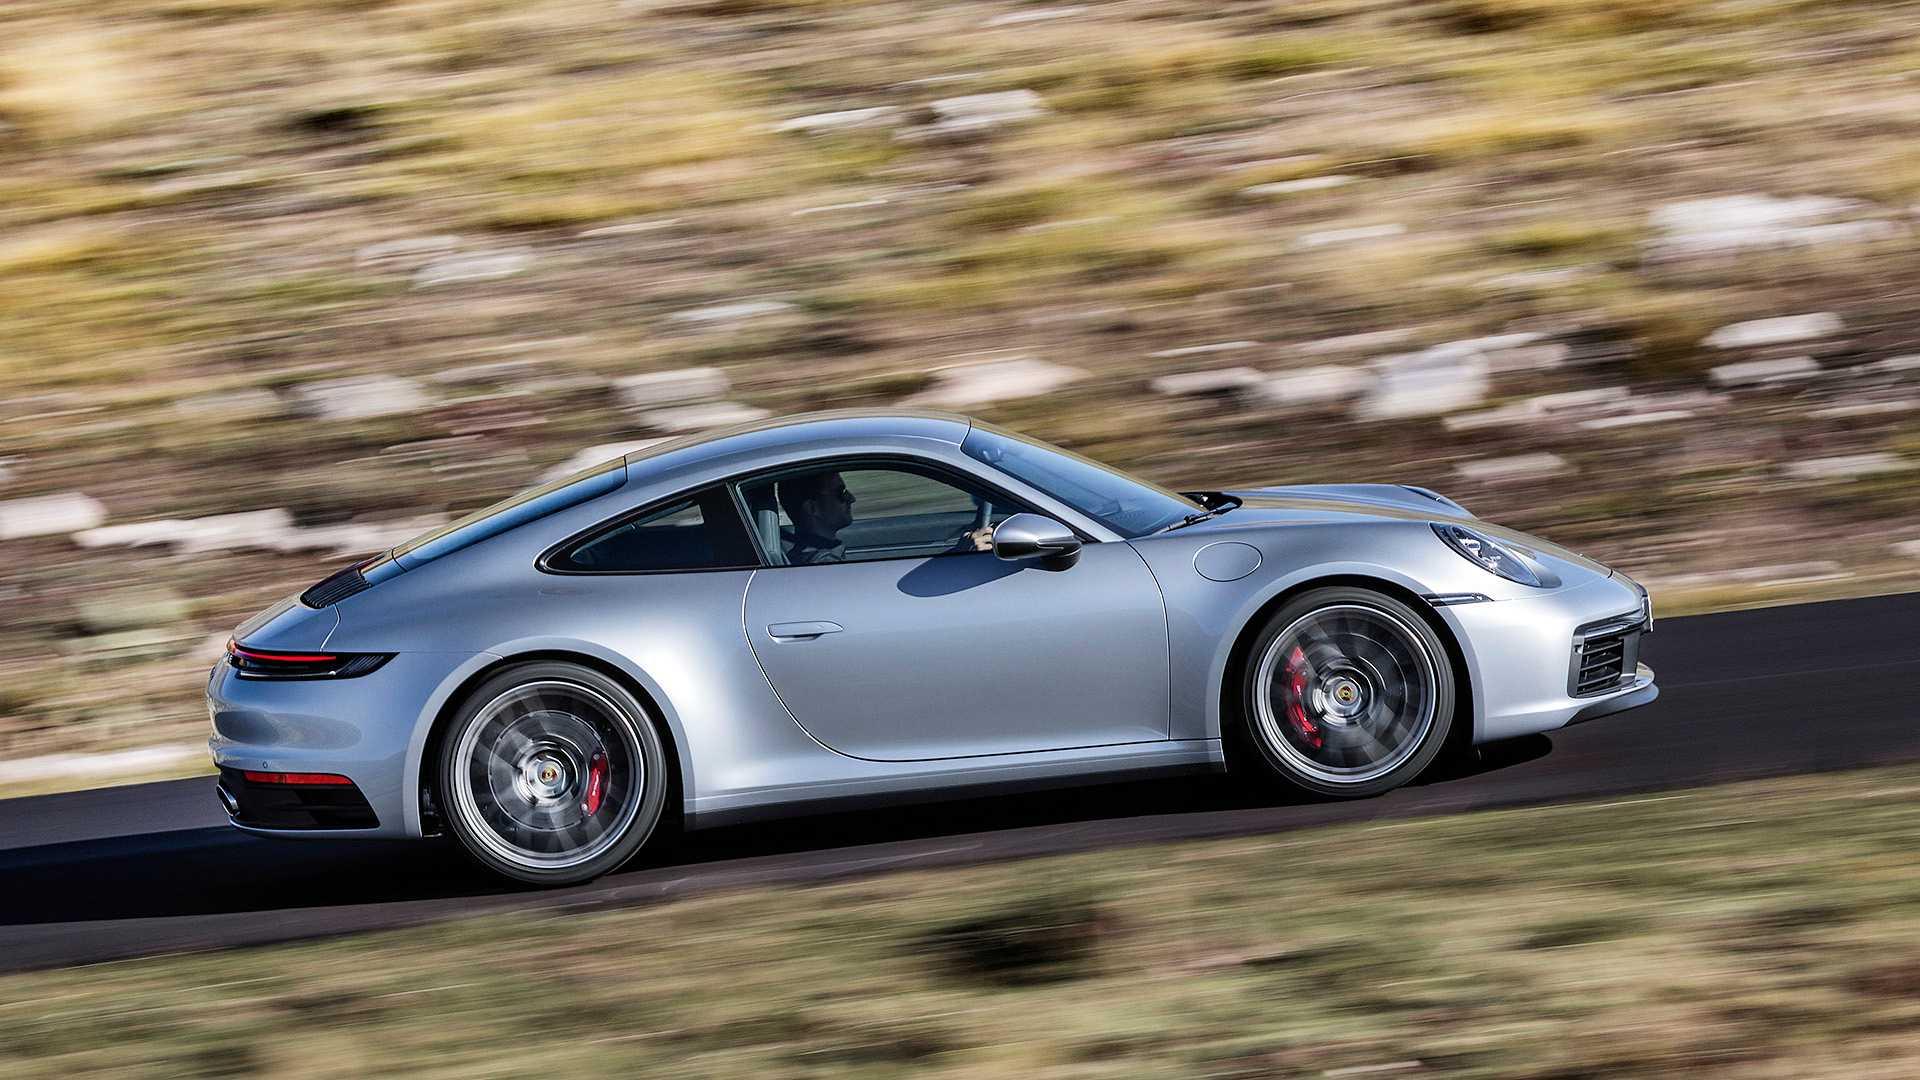 Porsche Carrera 911 S (2020.) isporučuje više snage nego što proizvođač navodi